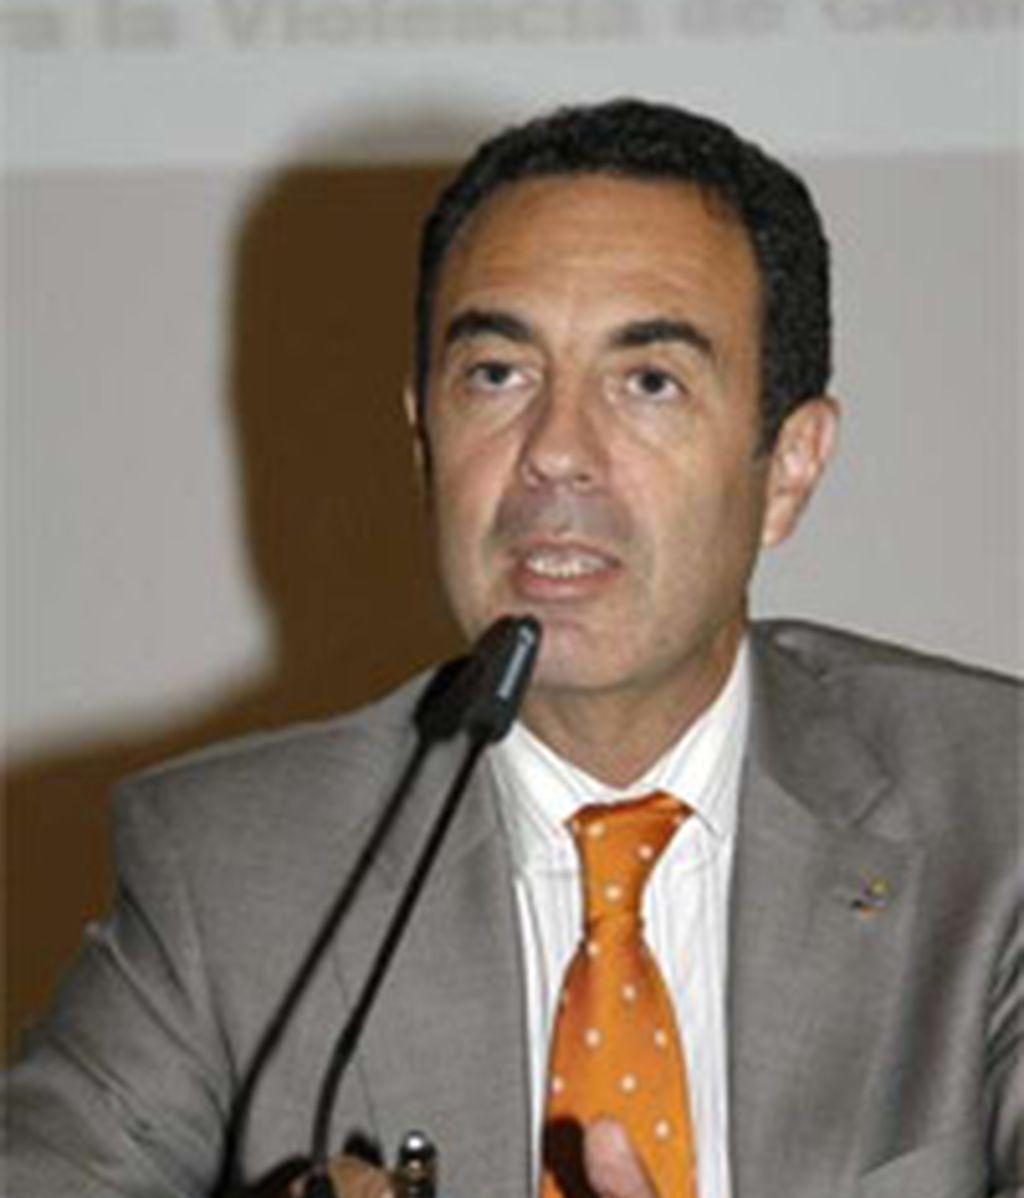 El Delegado del Gobierno para la Violencia de Género, Miguel Lorente Acosa. Foto: EFE.